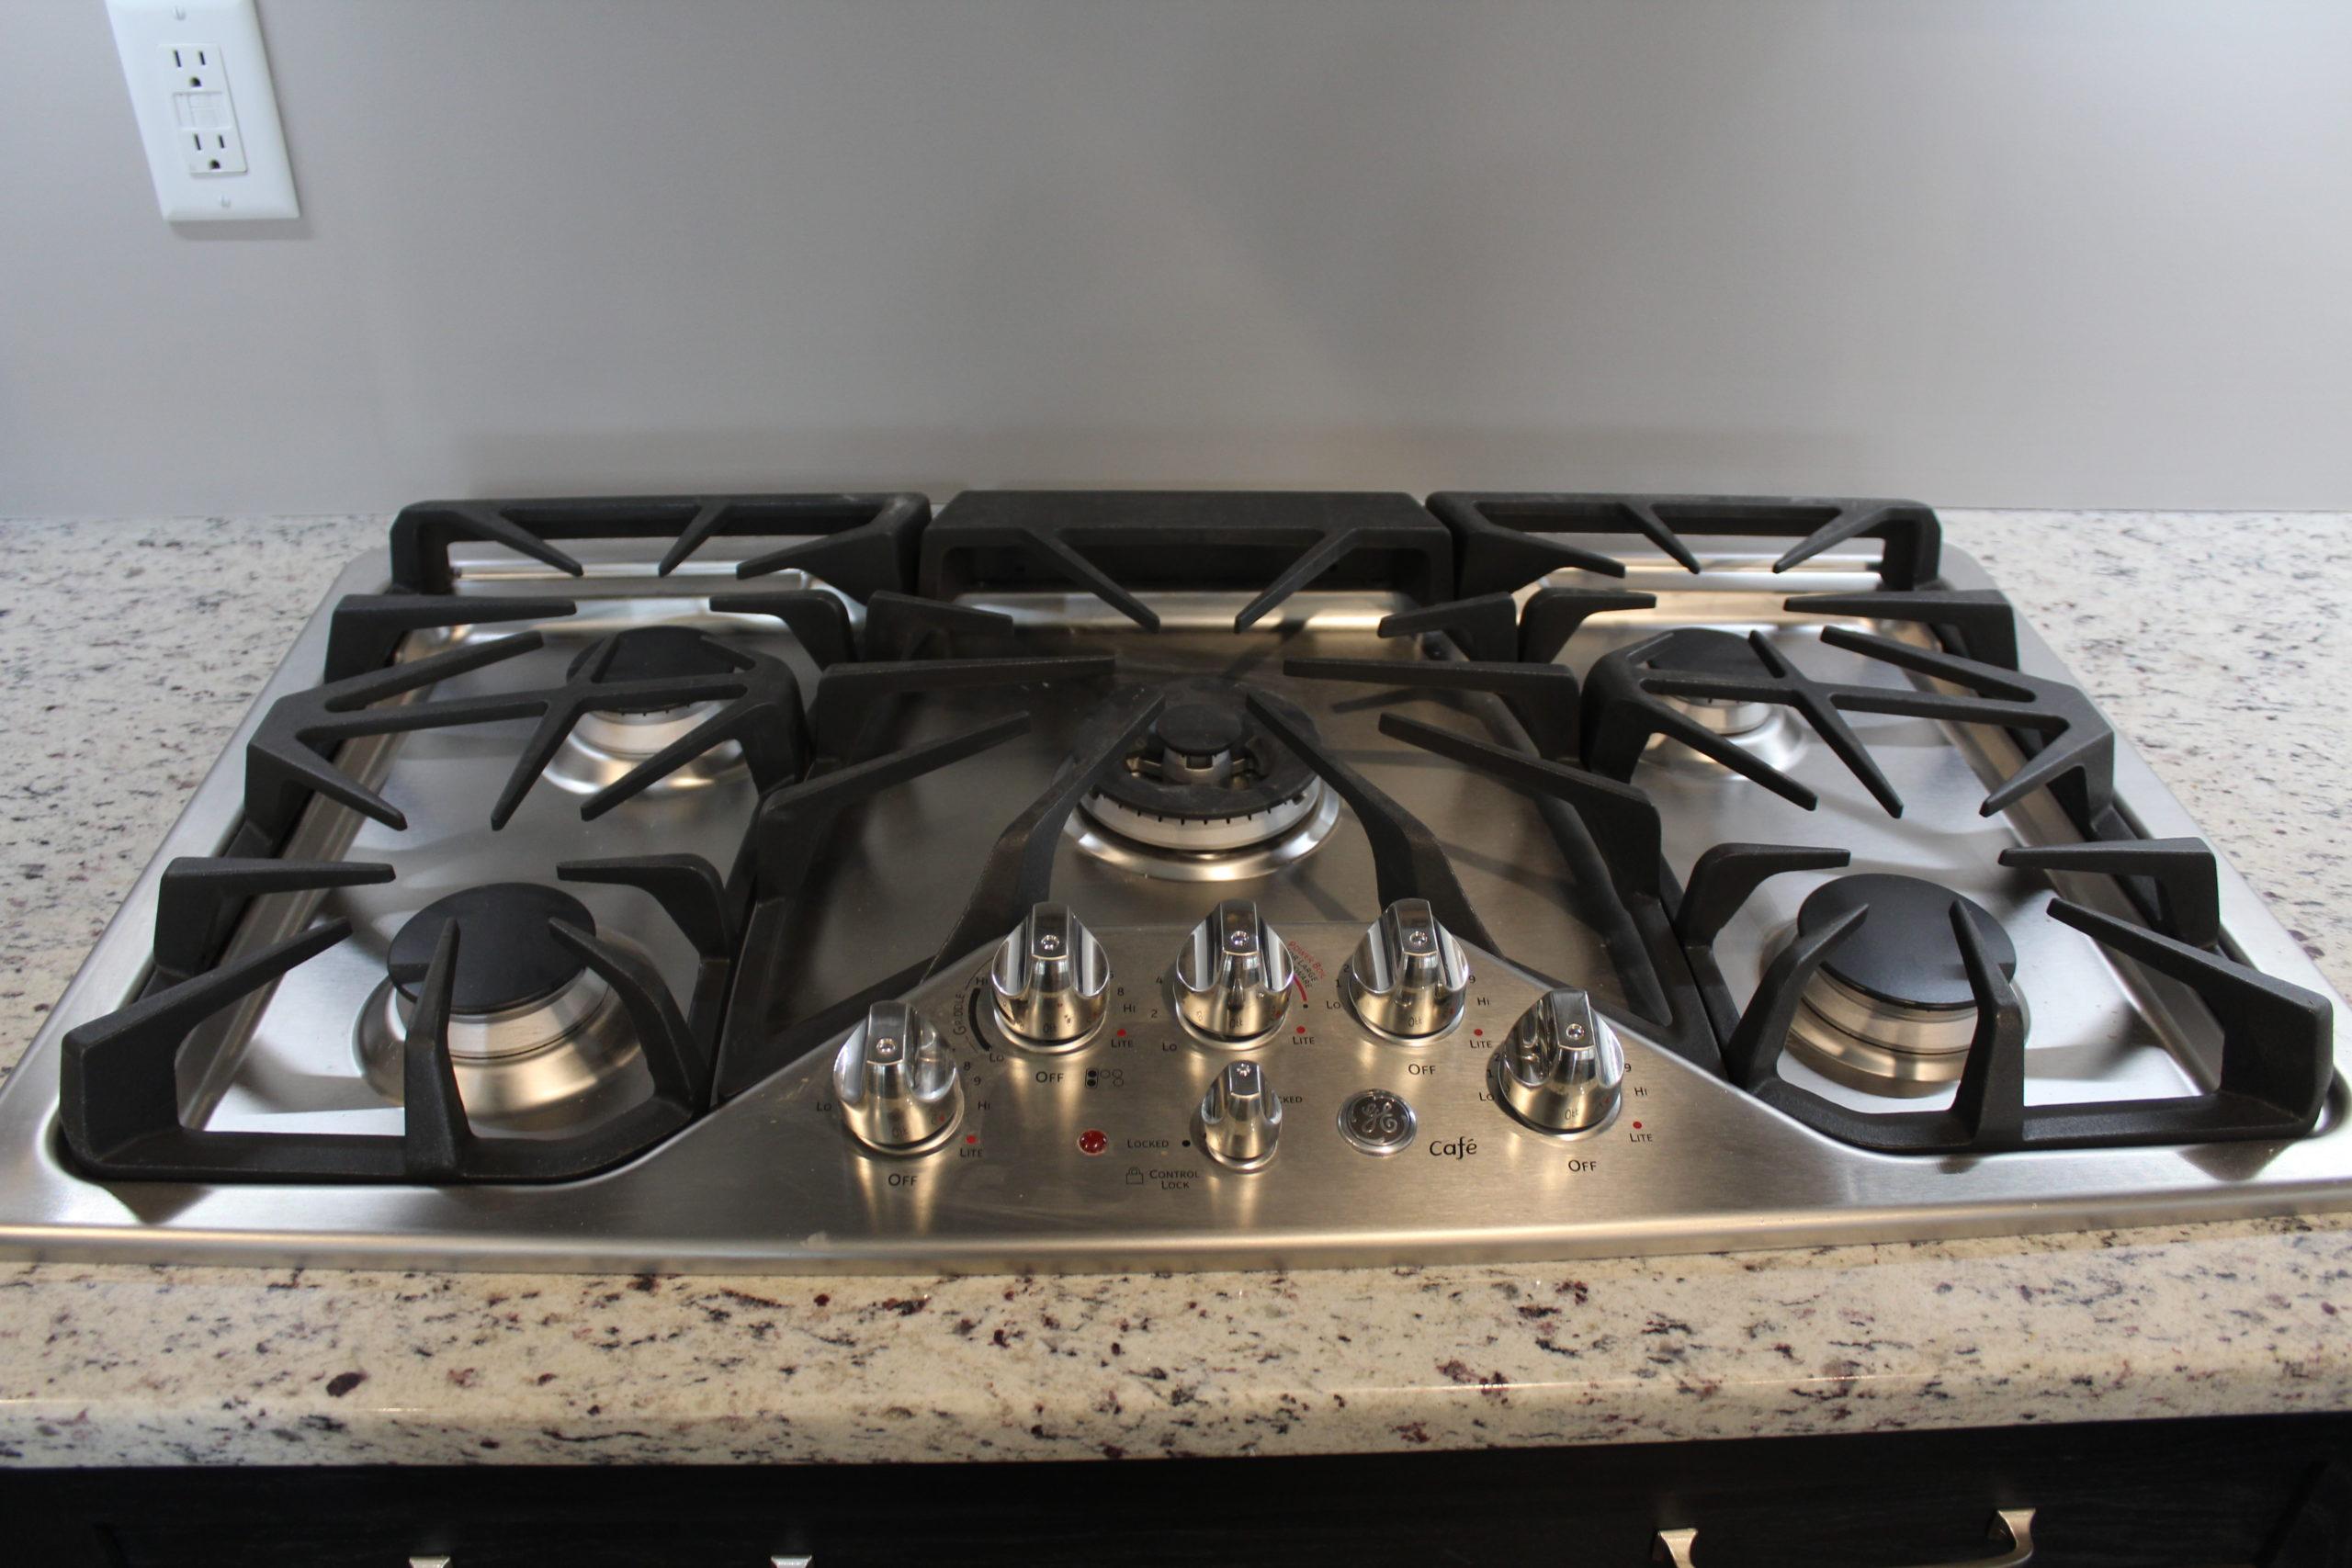 kitchen-remodeling-work-TAG-Builder-4285-BM-Kitchen-3-scaled